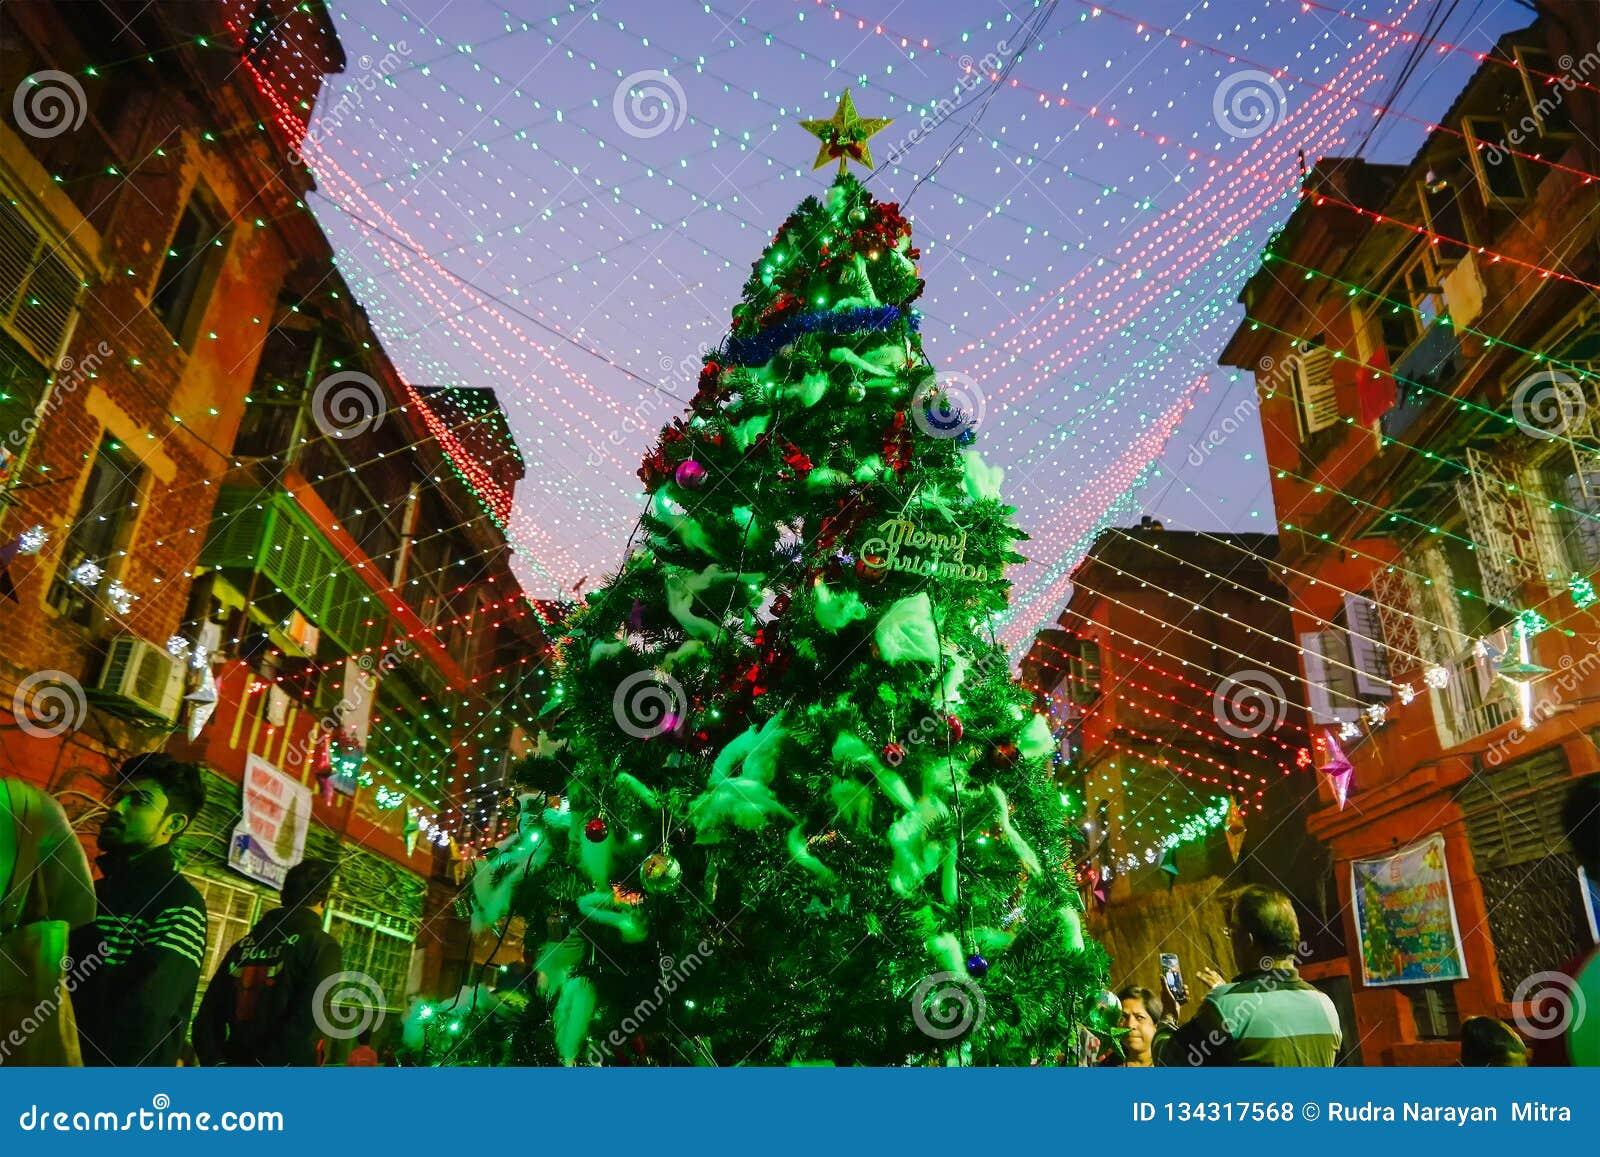 Christmas Tree In India.Big Christmas Tree Decorated At Night At Kolkata Editorial